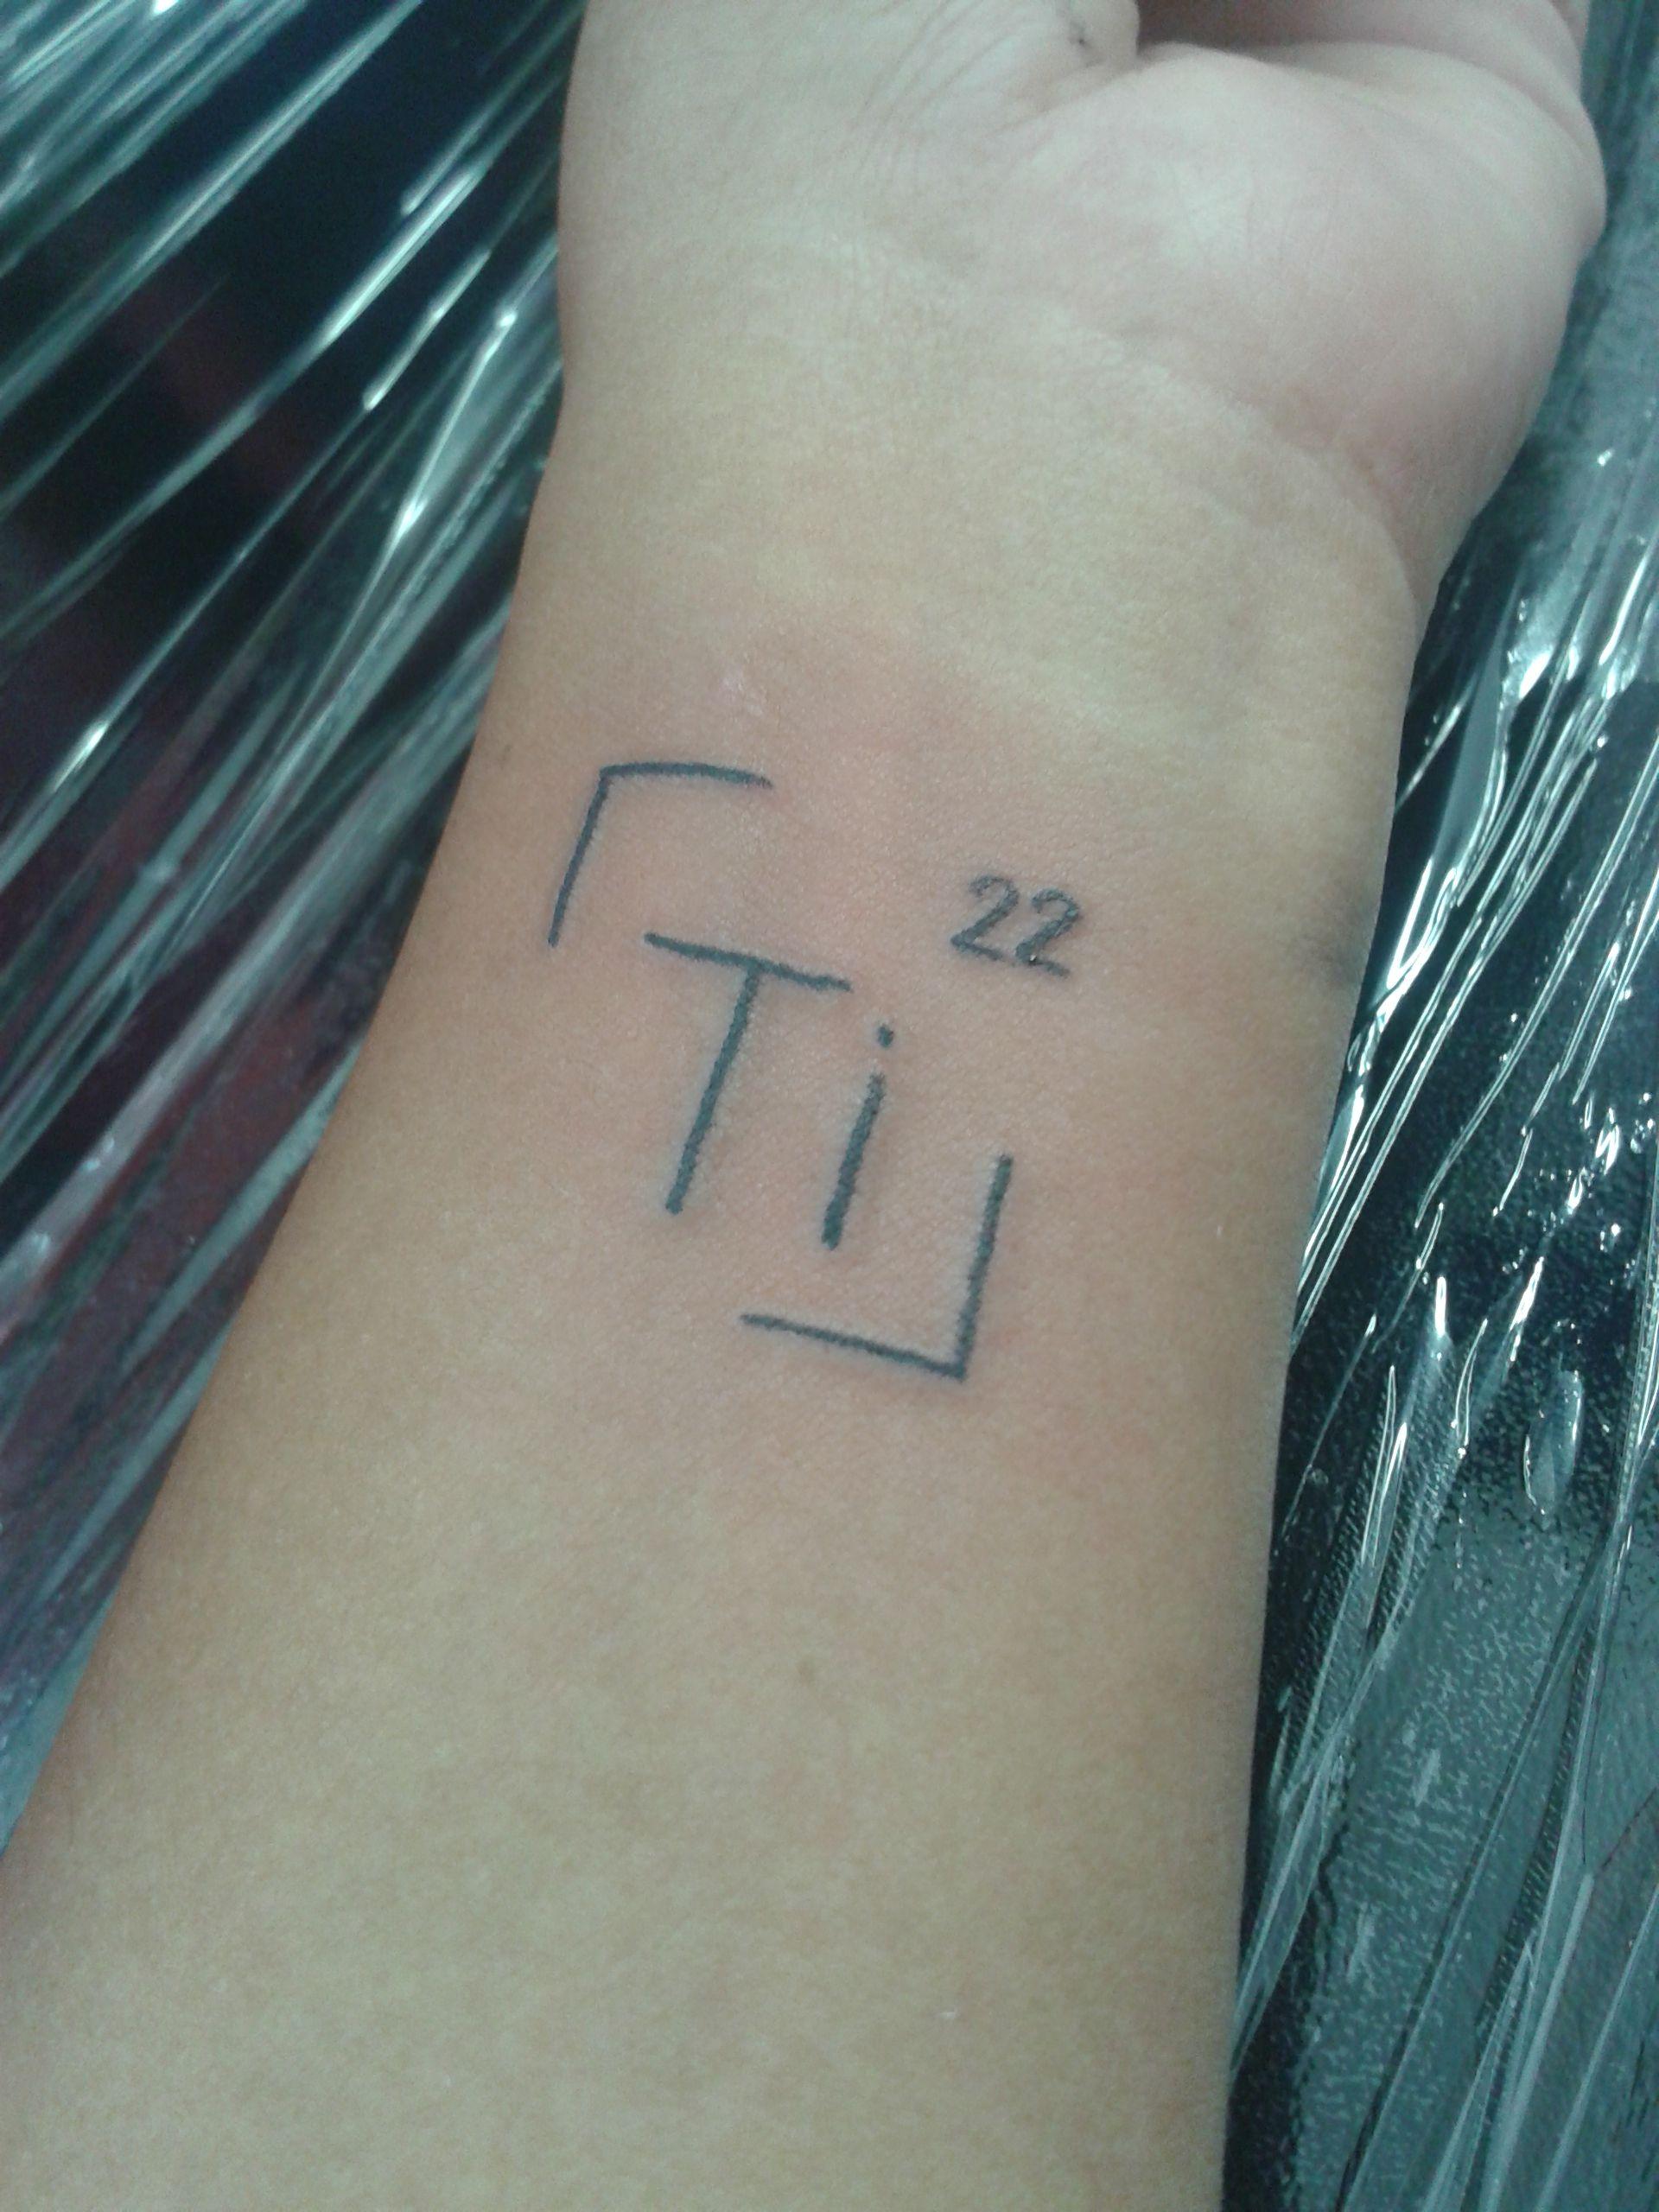 tatuagem do s237mbolo qu237mico do tit226nio no pulso chemical